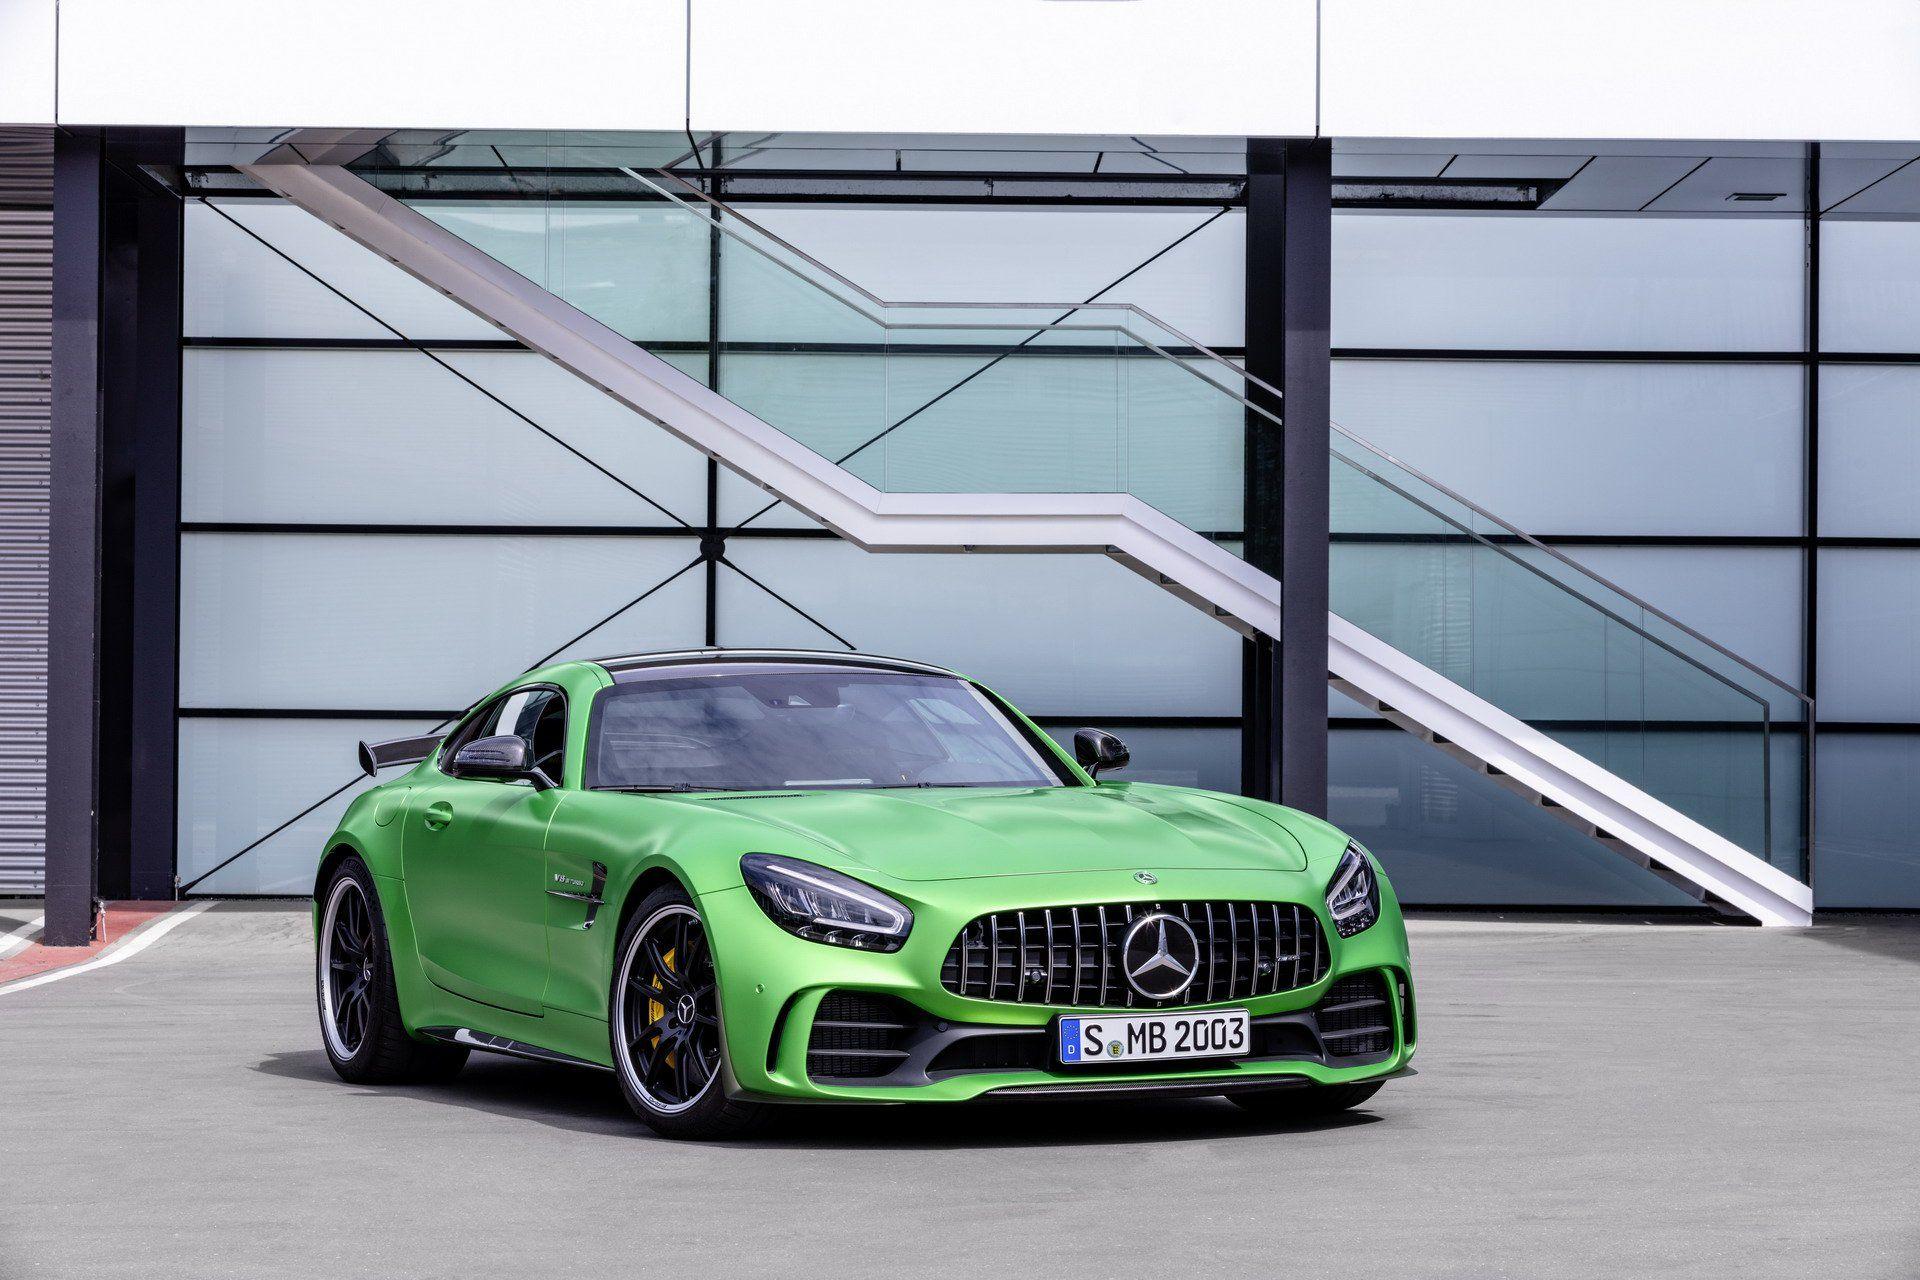 2020 Mercedes Amg Gt R Pro Headlines Updated 2 Door Gt Family